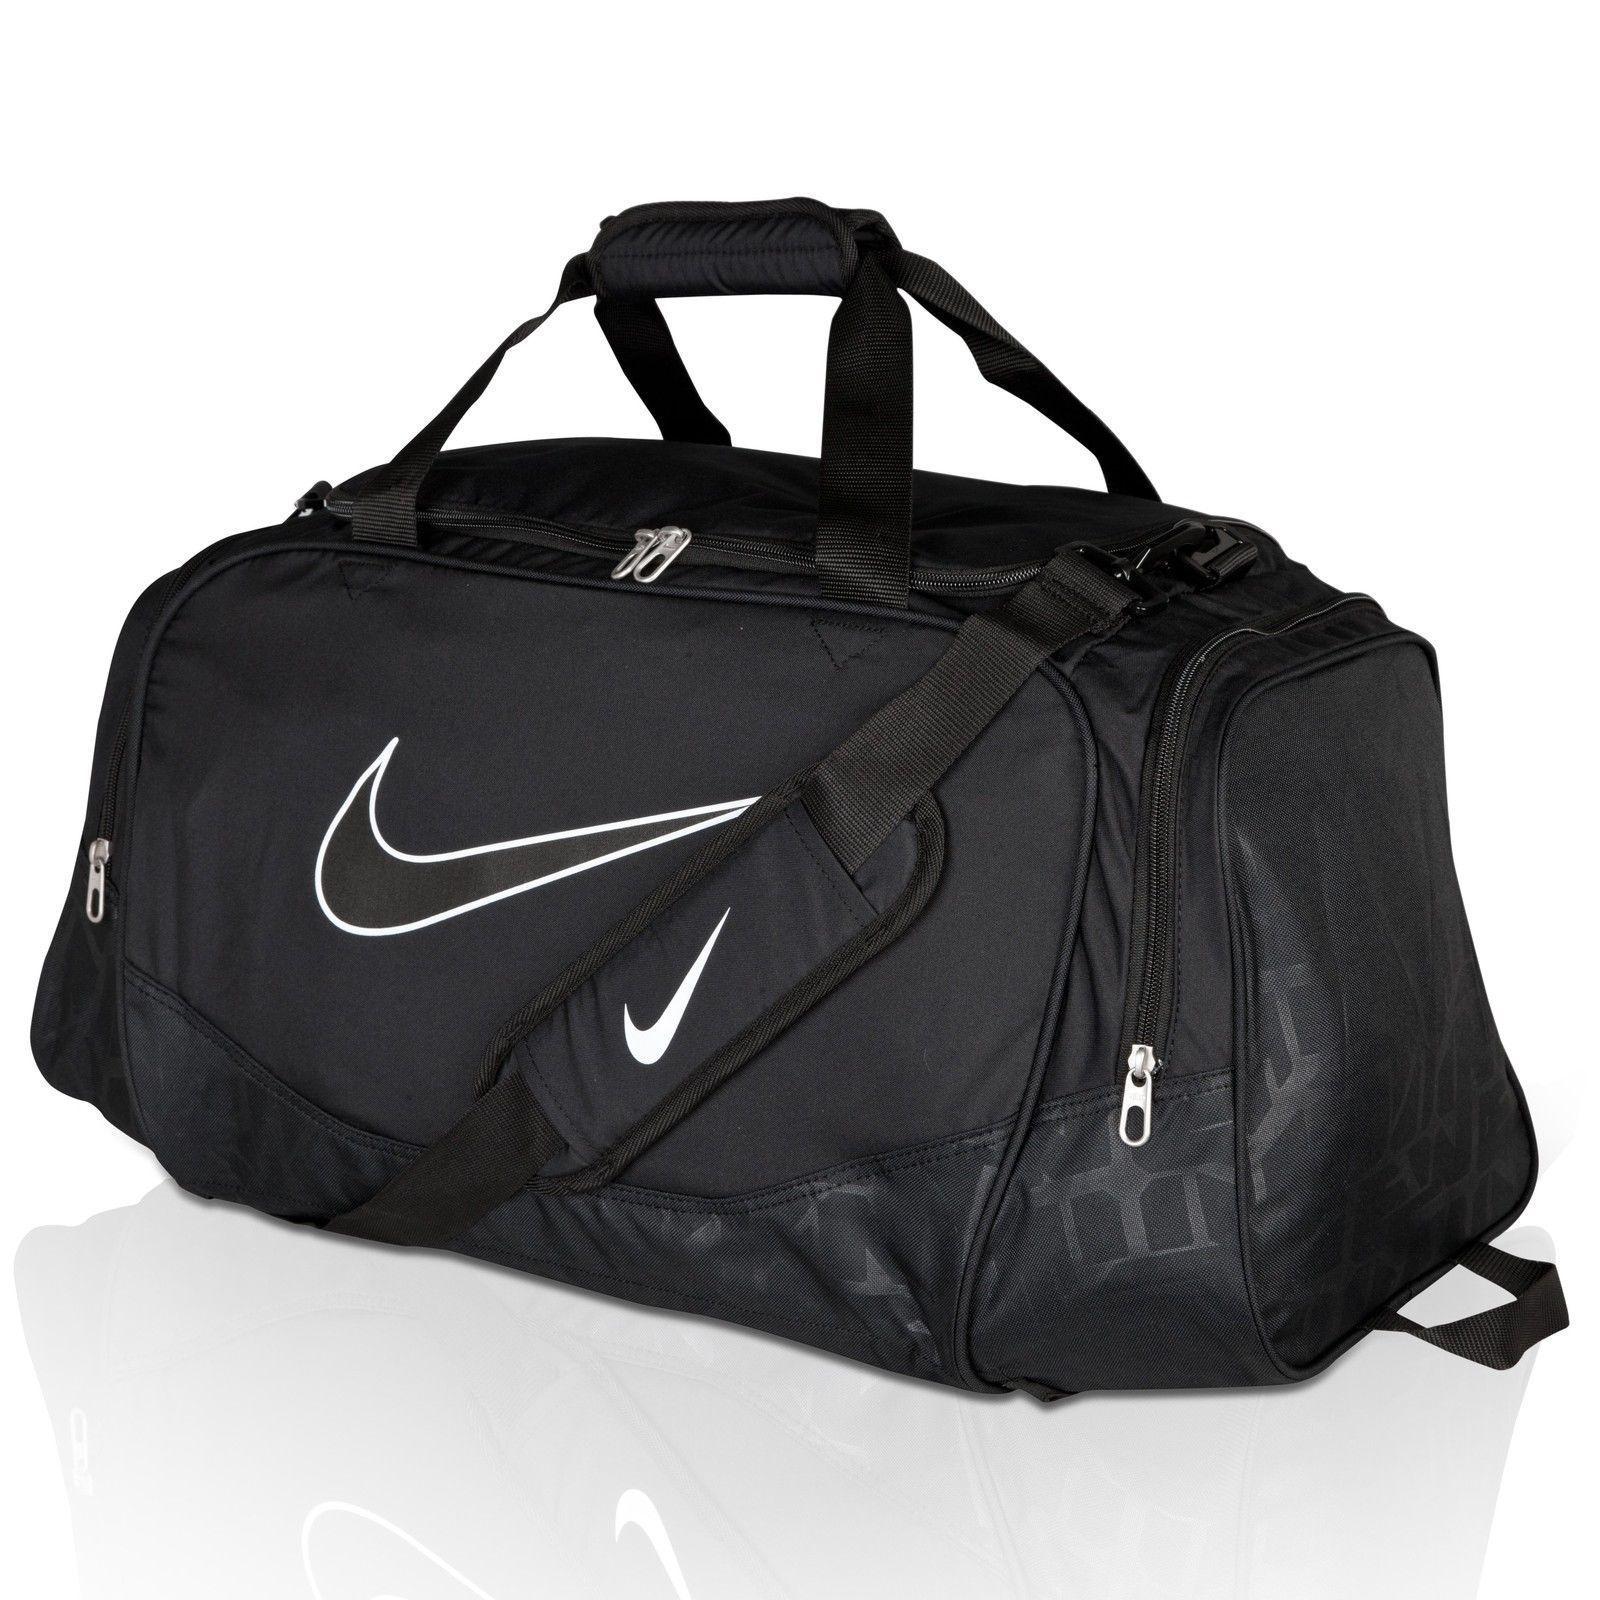 Nike luggage bag. Handbags and Purses on Bags